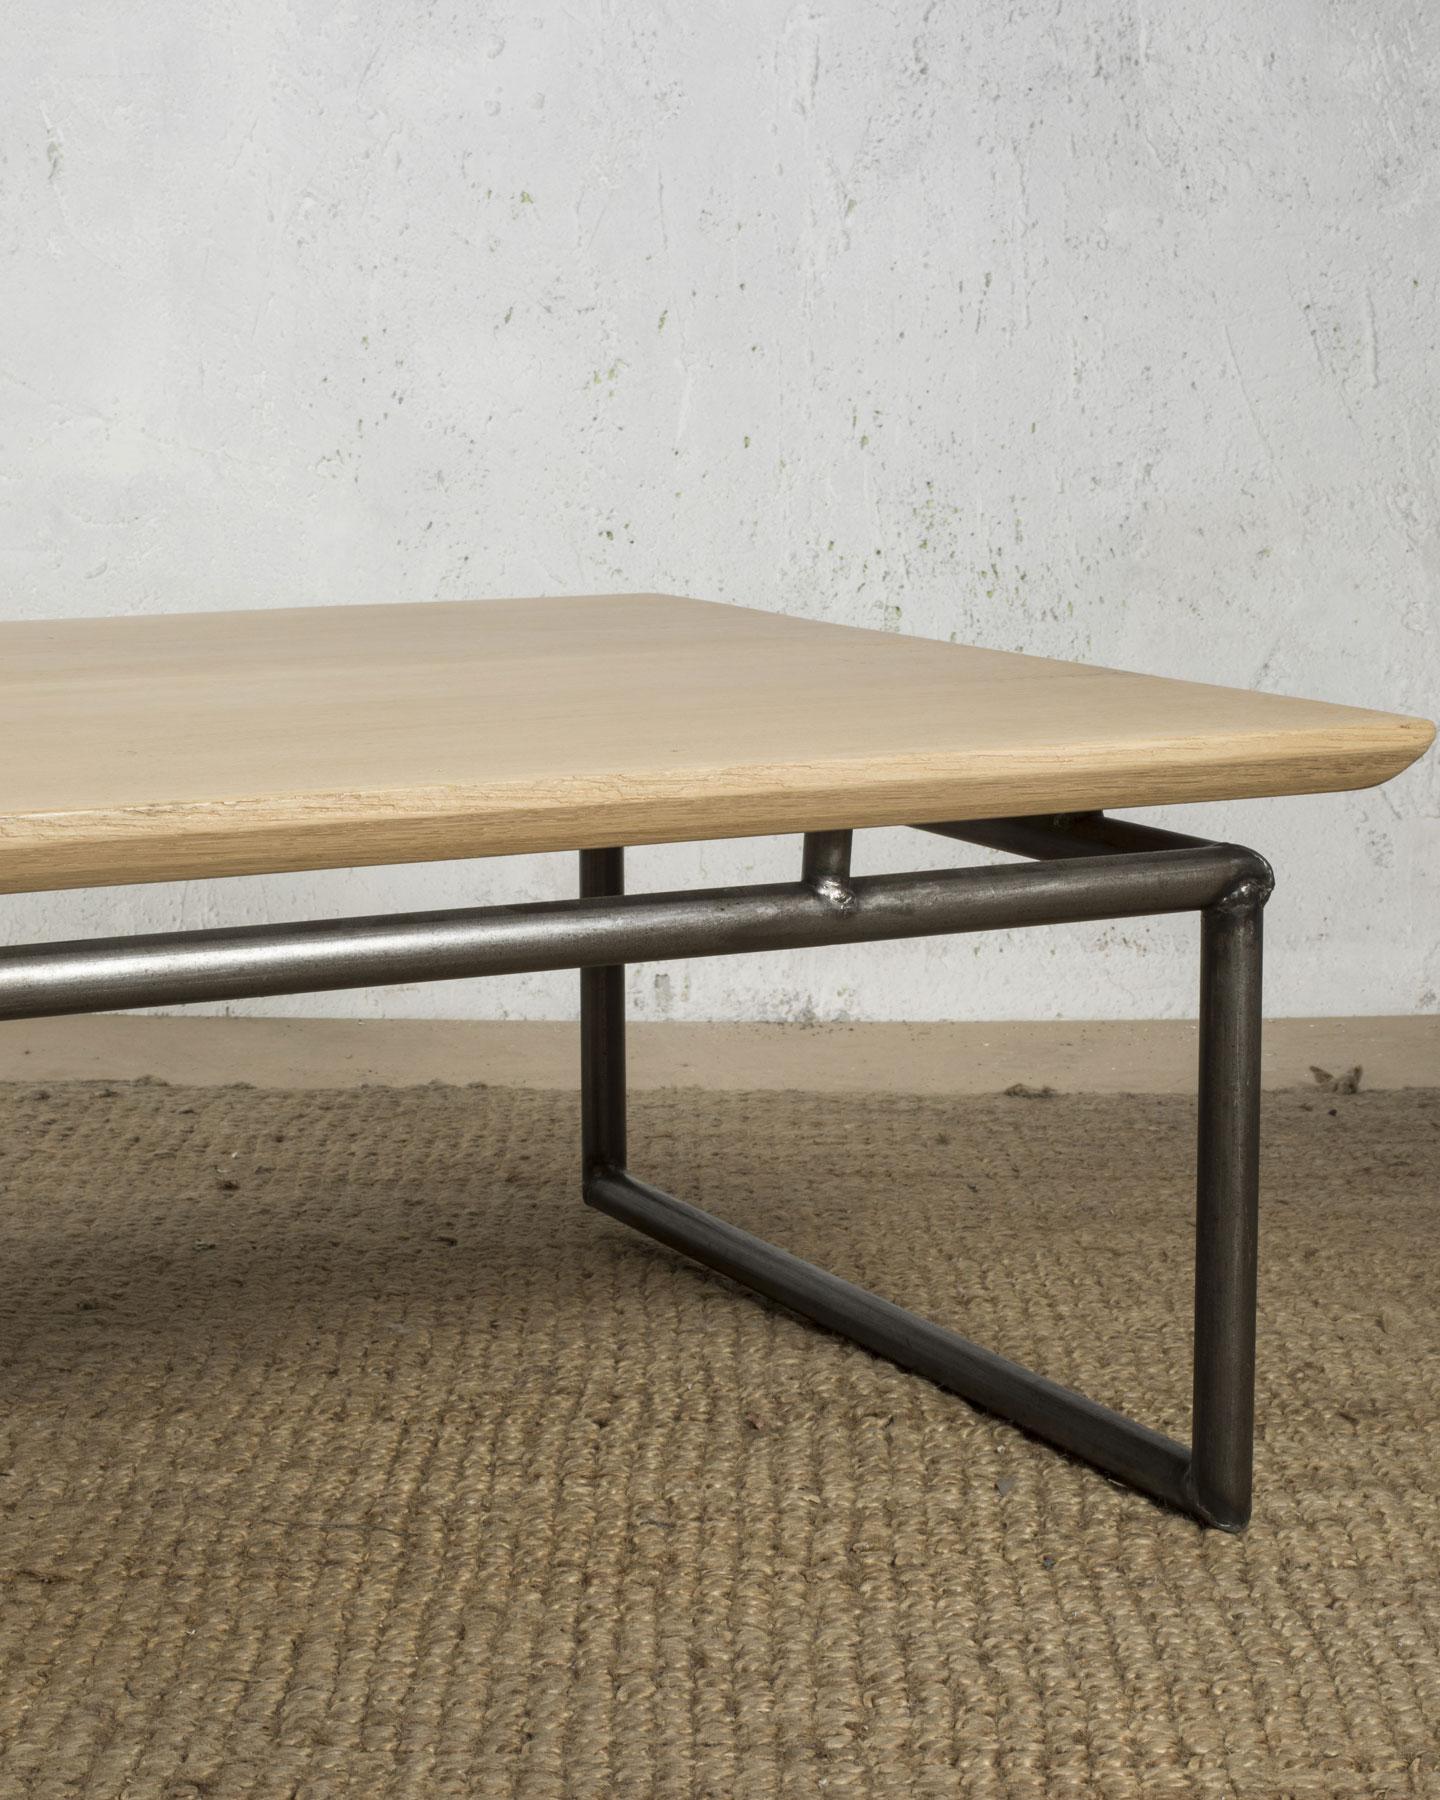 Table basse en bois et métal avec finition vernis mat, entièrementtraitée